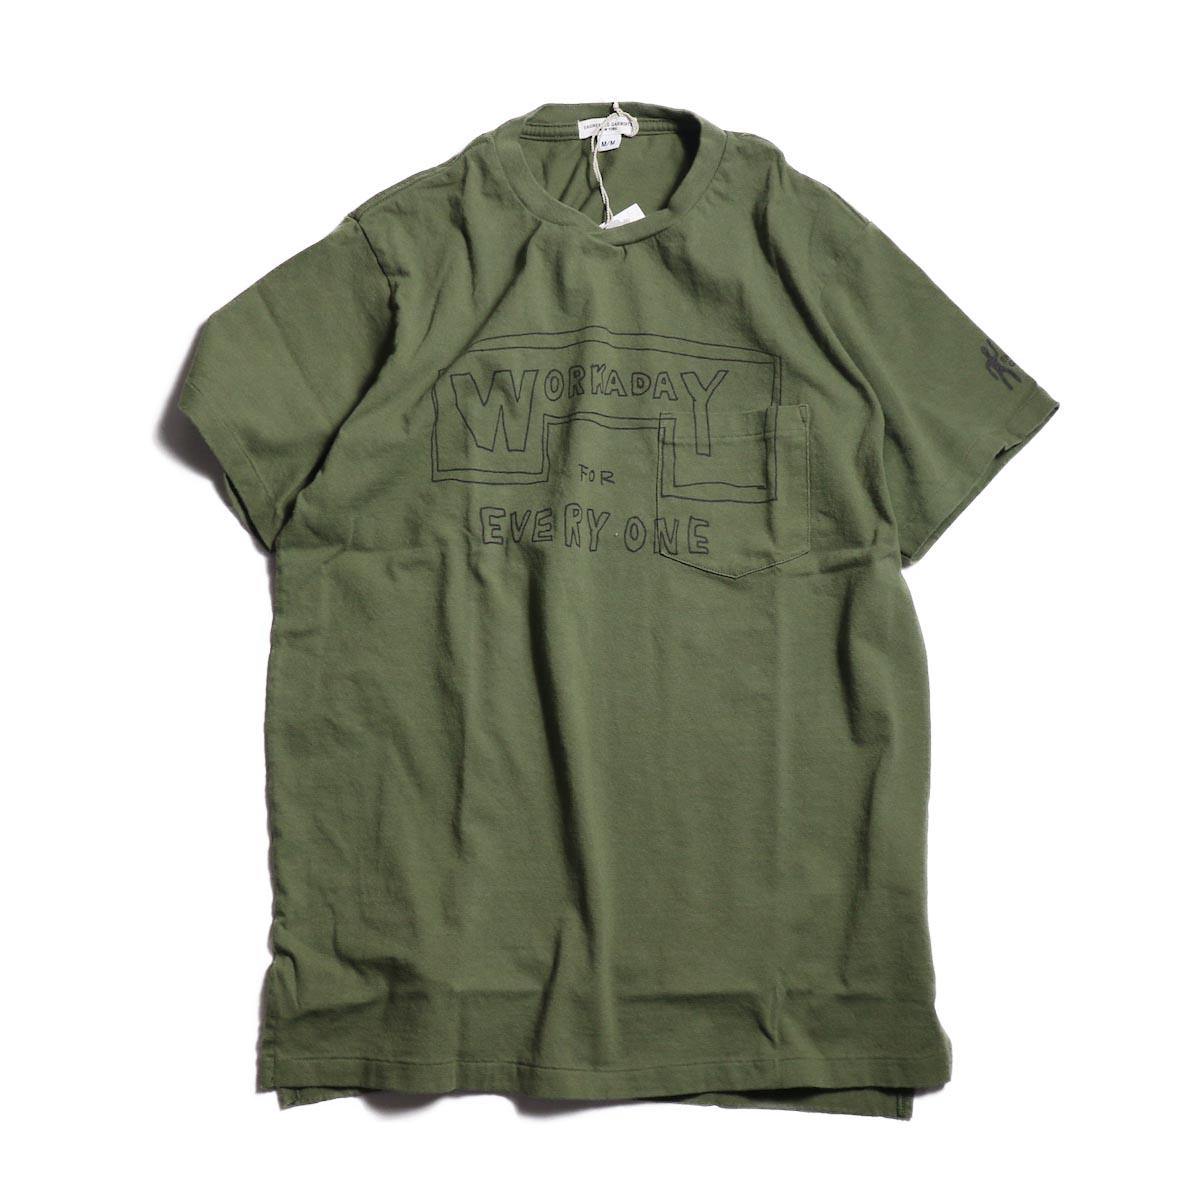 Engineered Garments Workaday / Printed C/N Tee -Everyone-Engineered Garments Workaday / Printed C/N Tee -Everyone -Olive